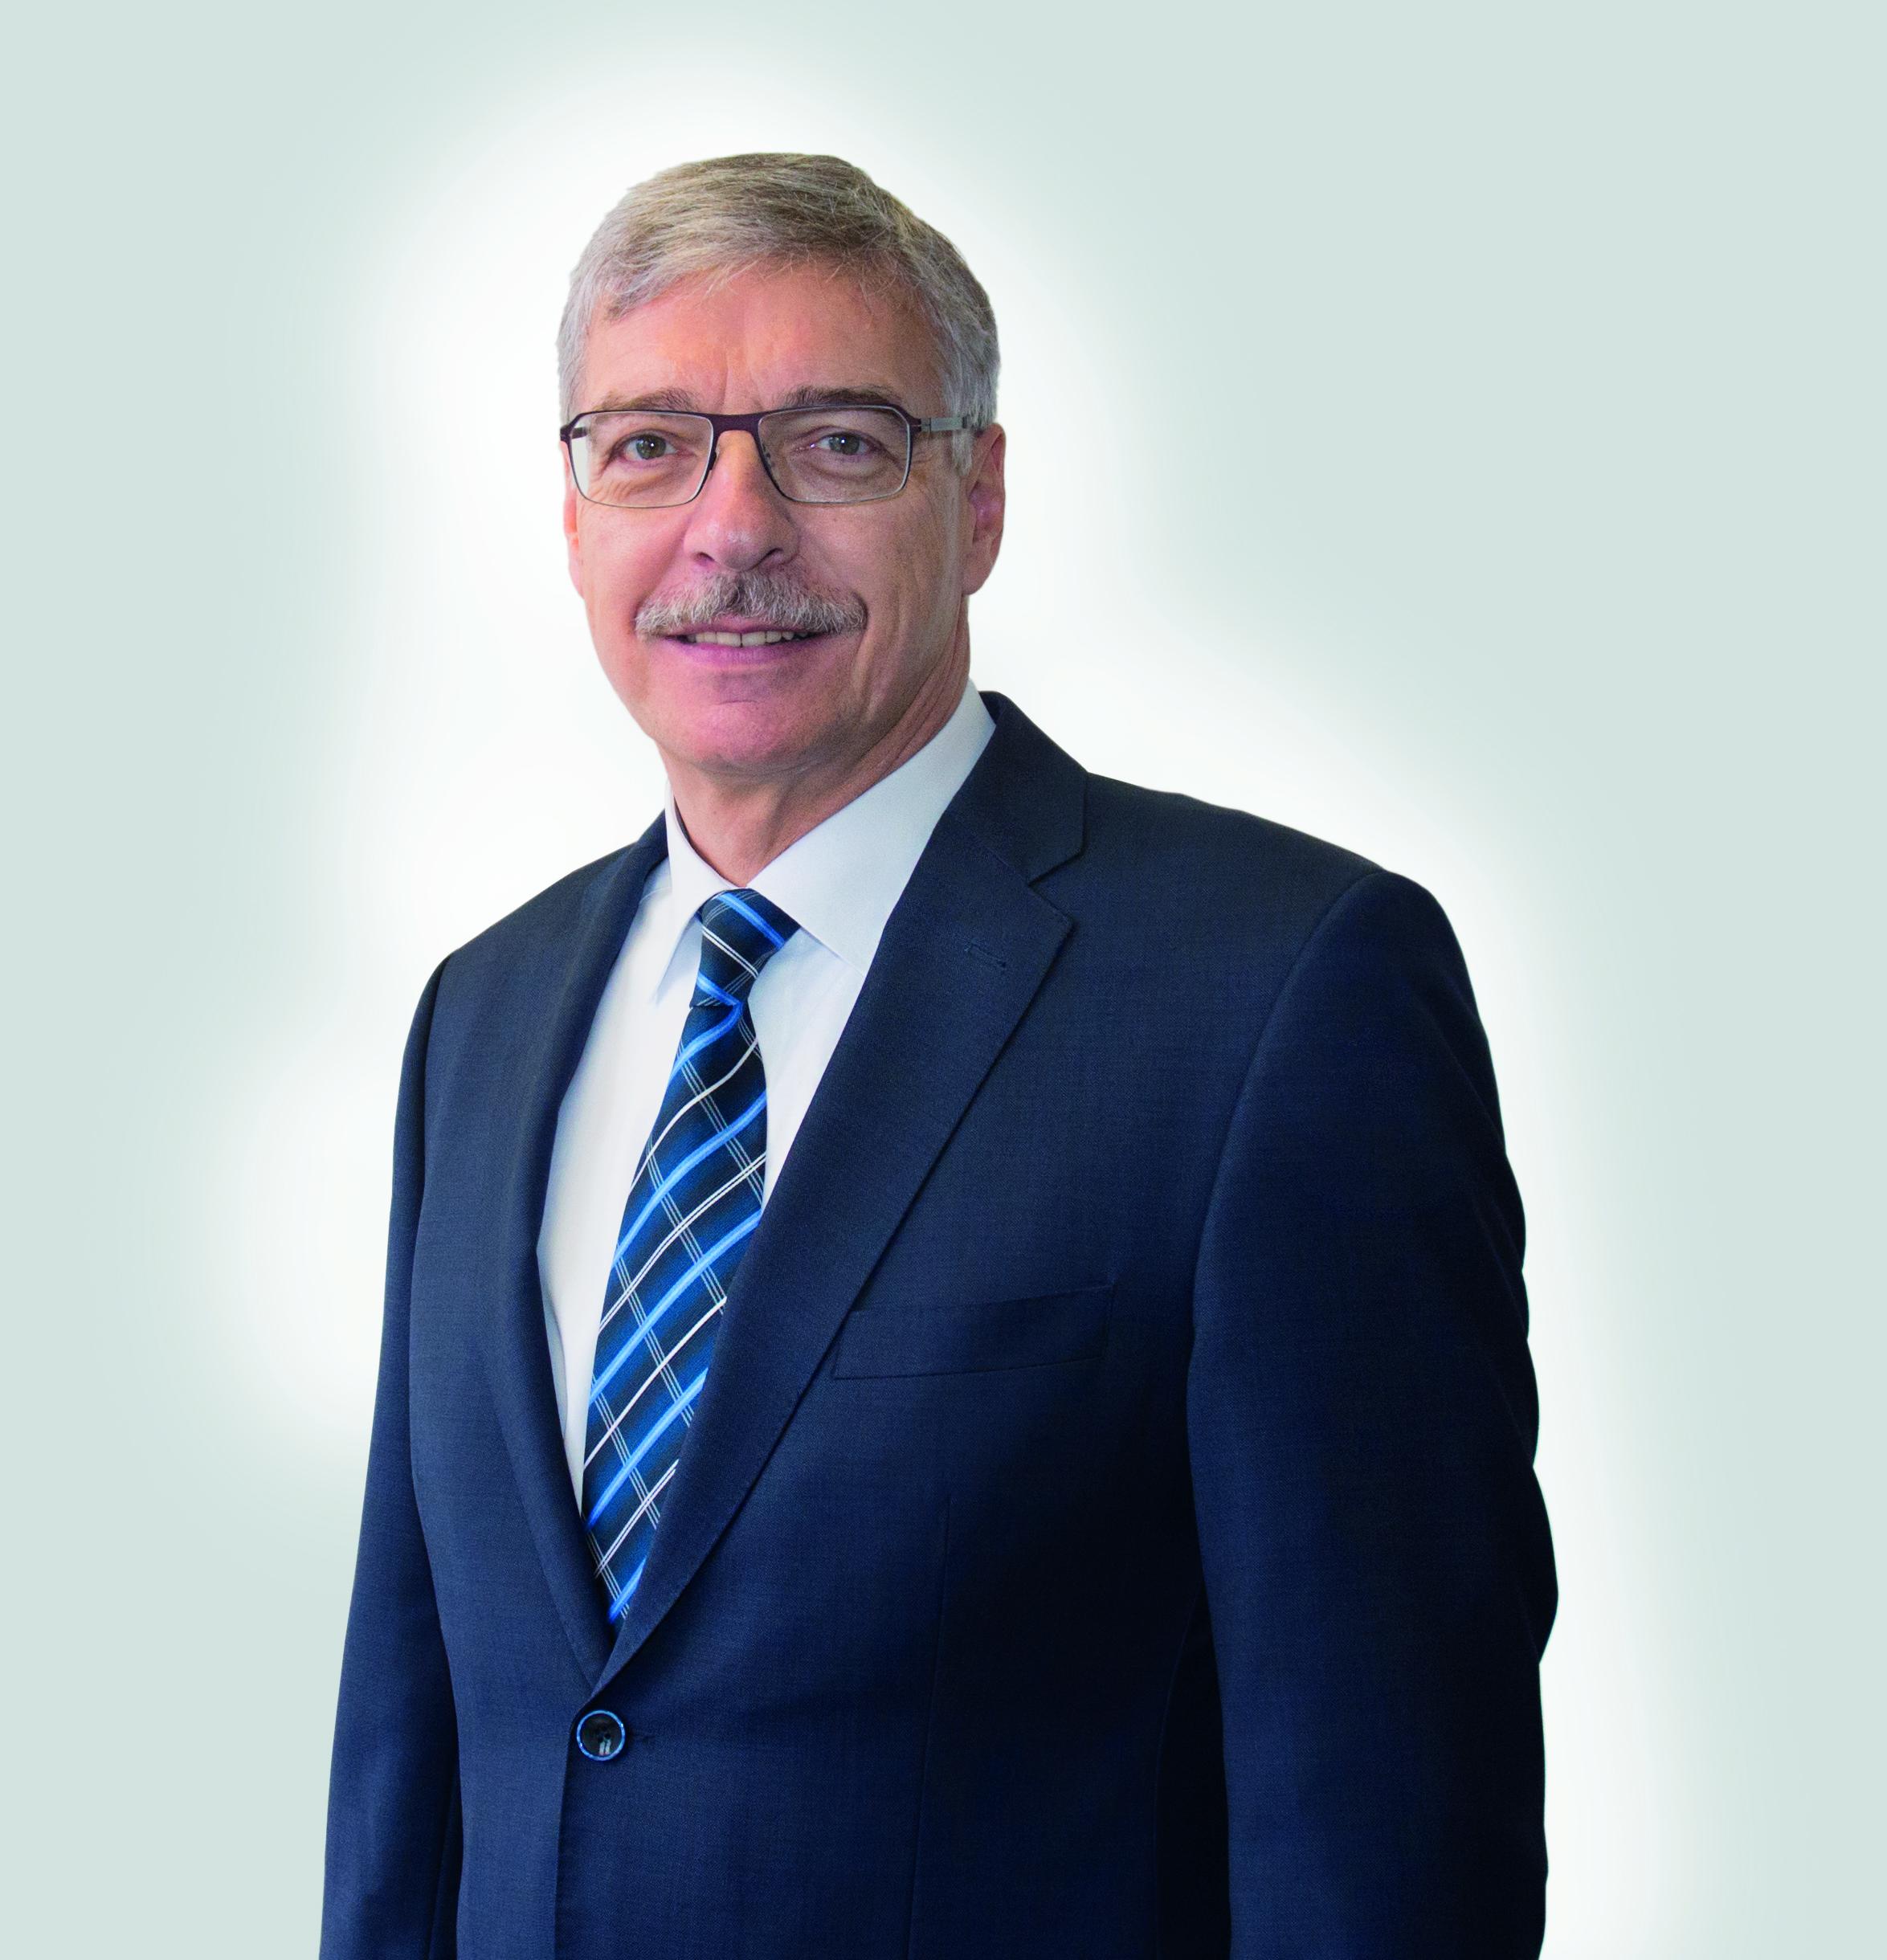 Urs Grütter, CEO, Stöcklin